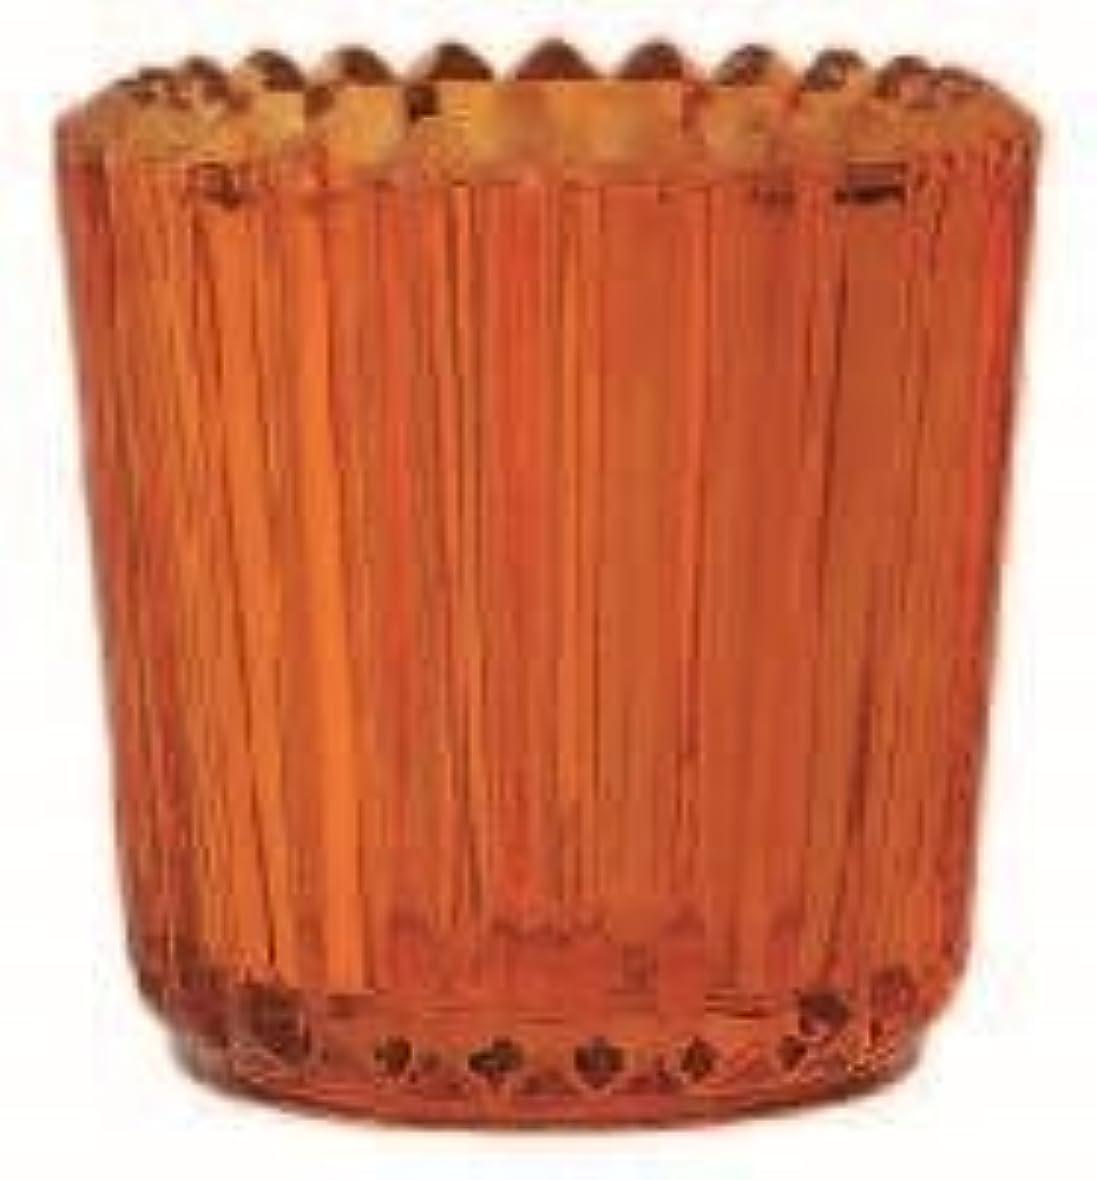 短命セットアップありがたいkameyama candle(カメヤマキャンドル) ソレイユ 「 オレンジ 」(J5120000OR)